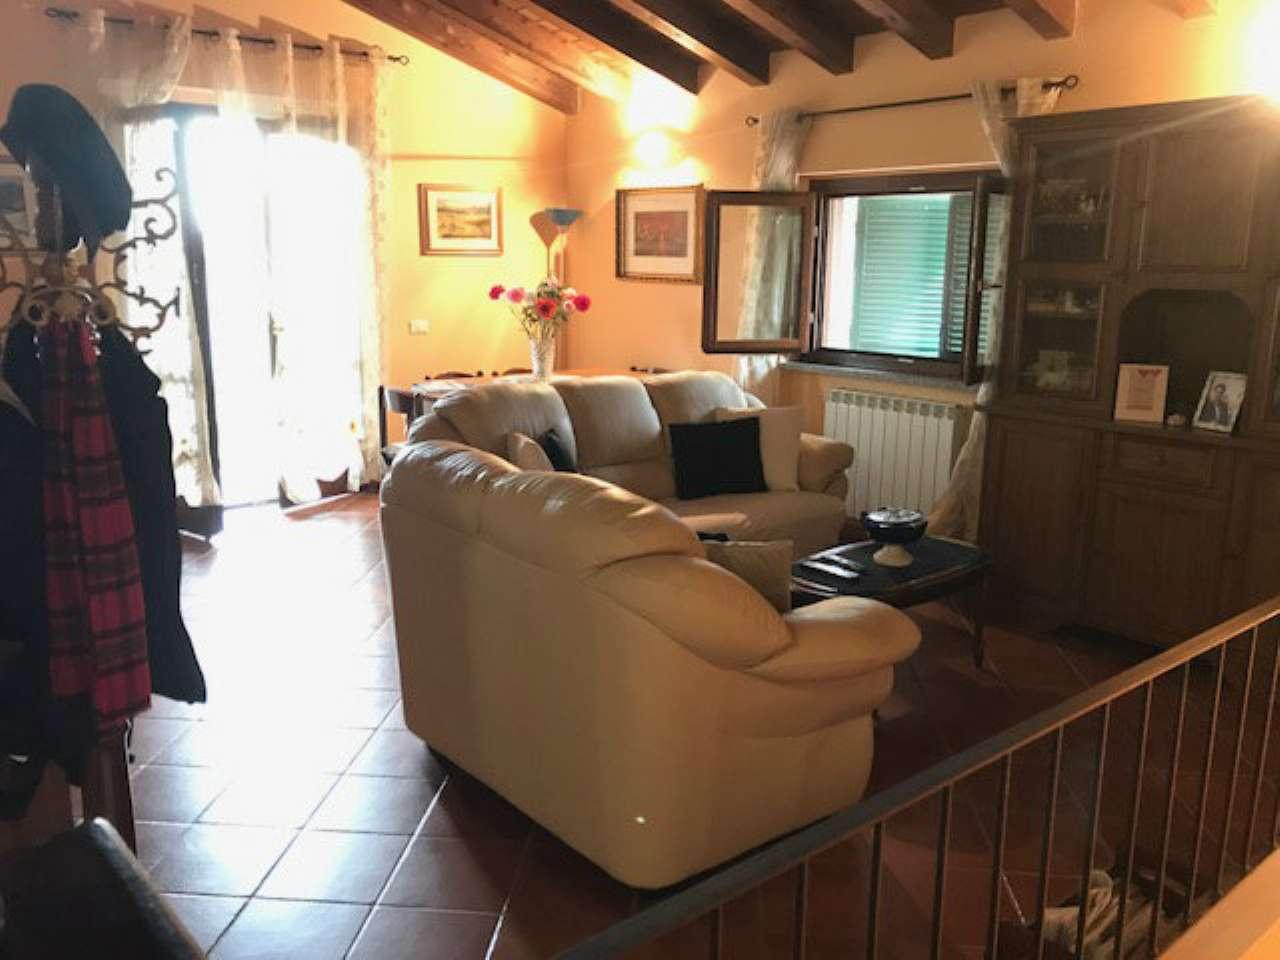 Appartamento in vendita a Gragnano Trebbiense, 3 locali, prezzo € 125.000 | CambioCasa.it